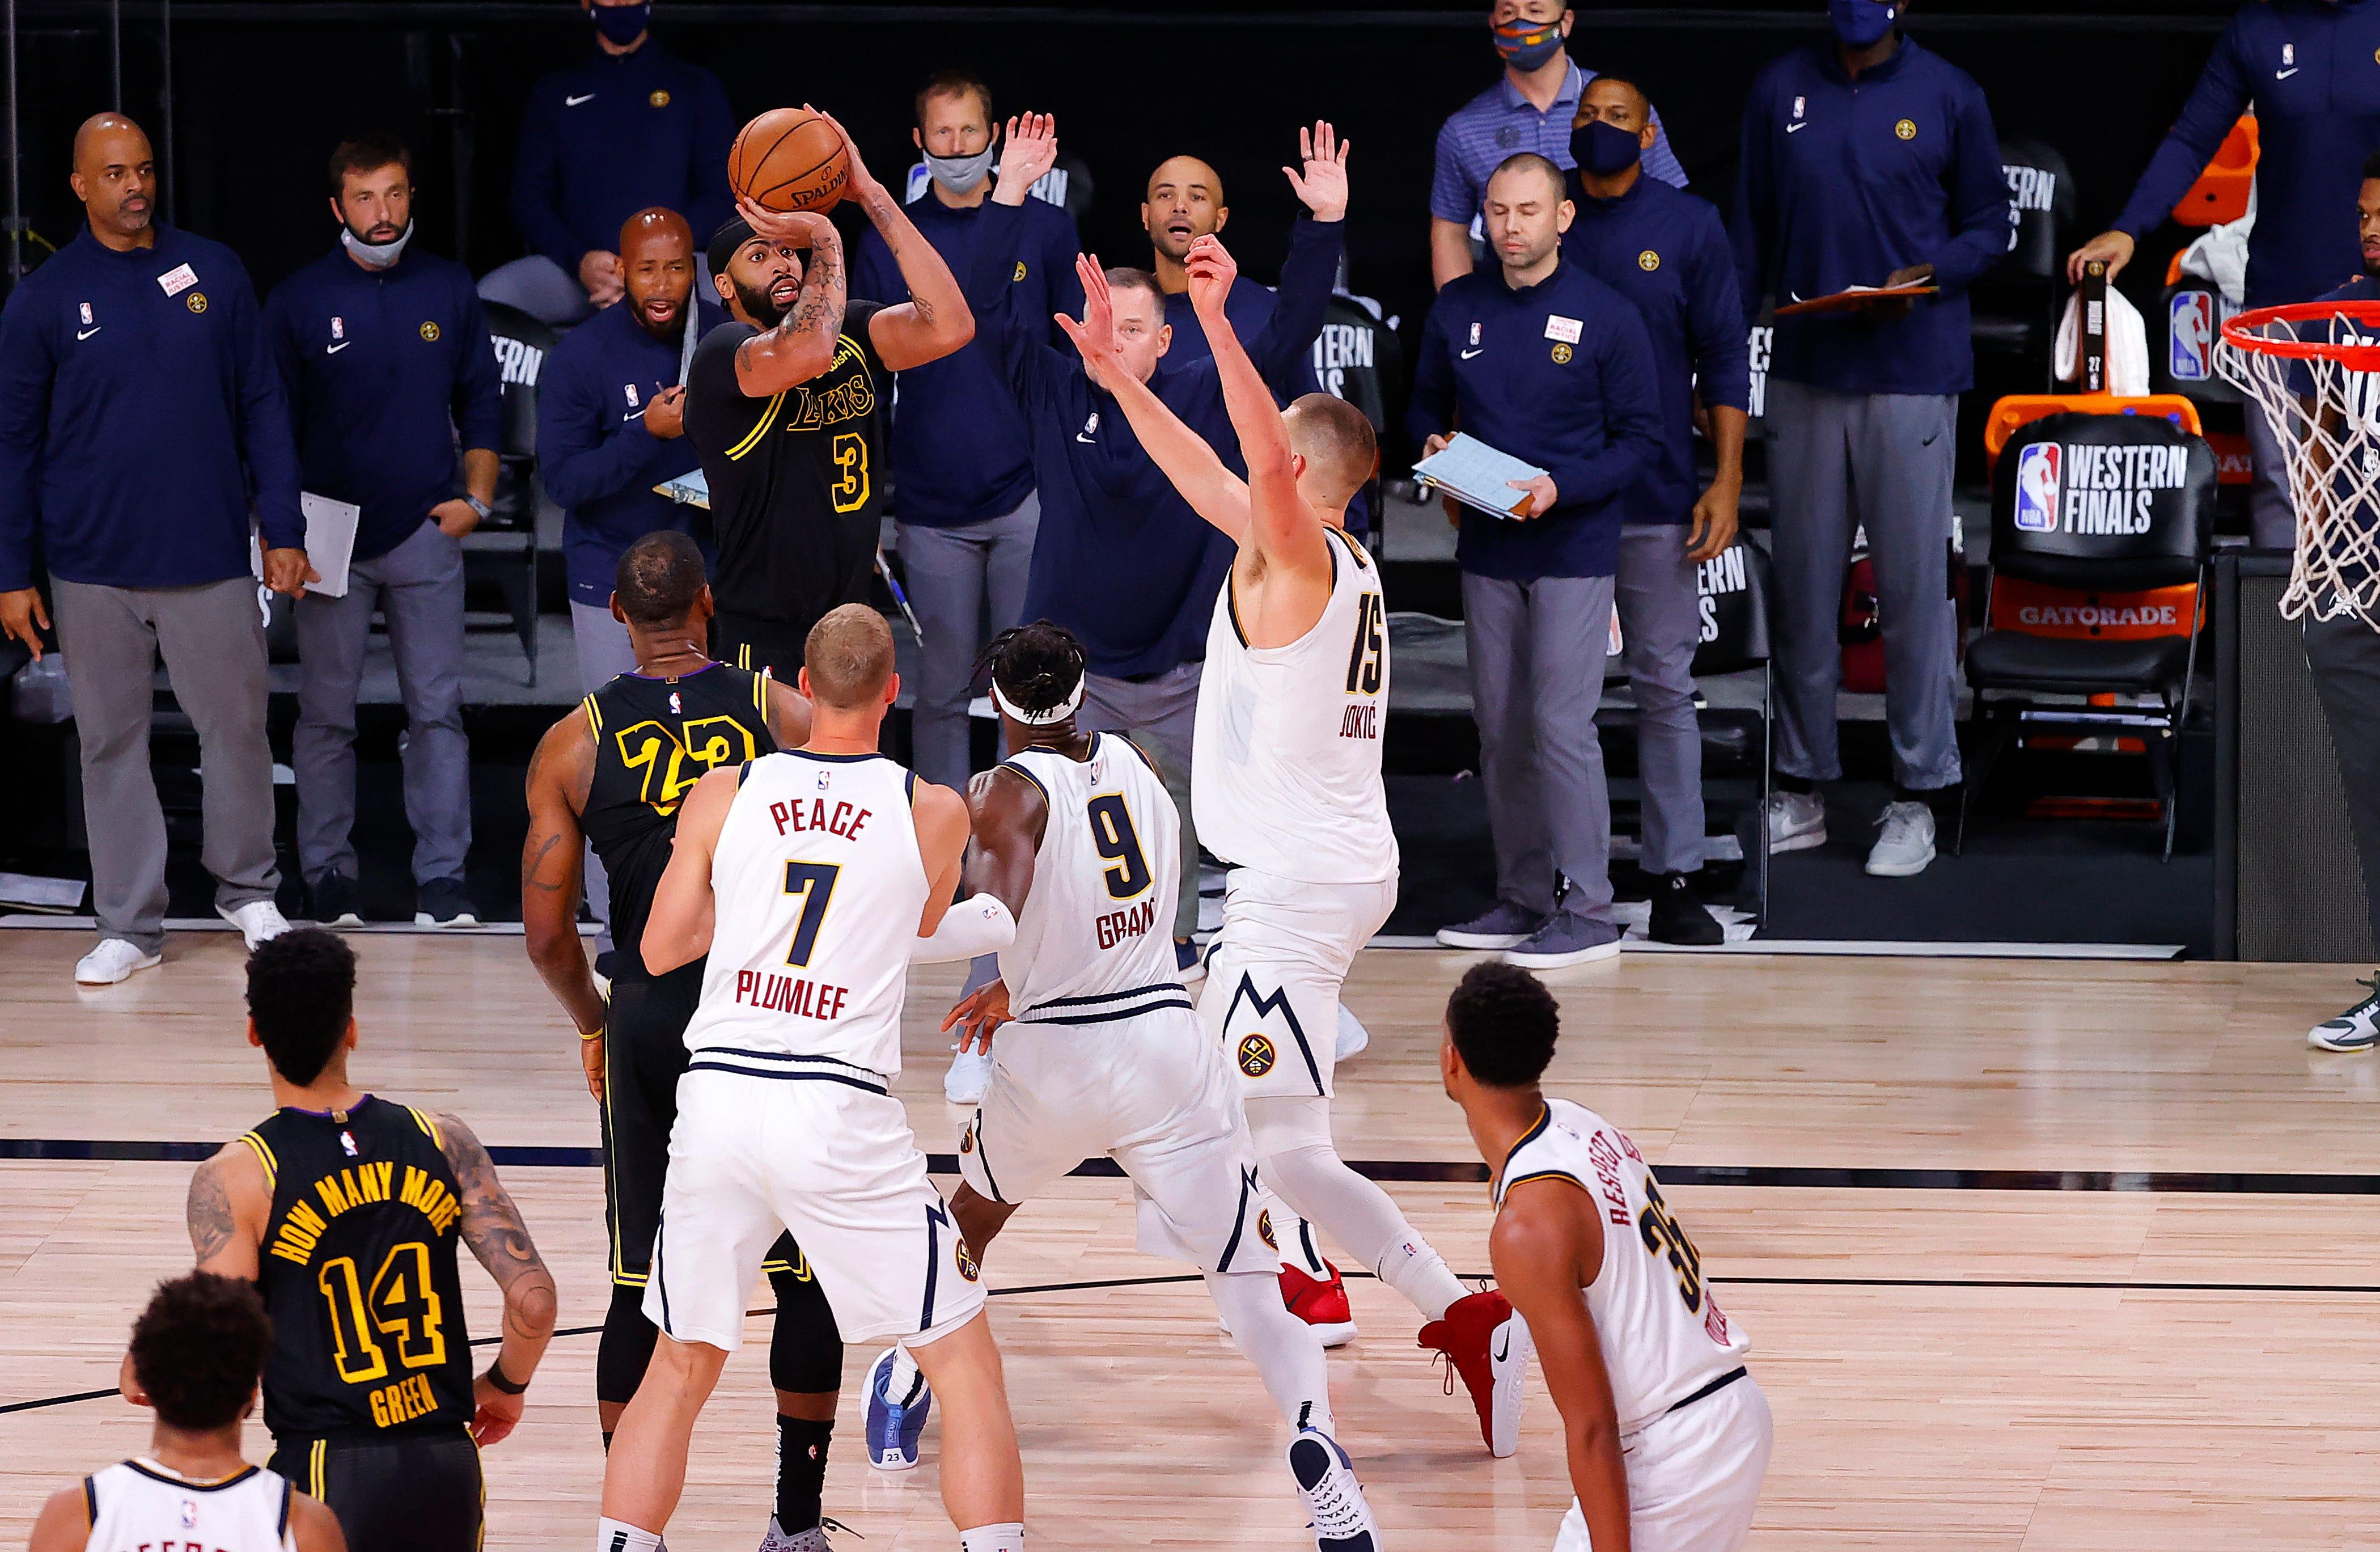 【影片】劃戰術+請求發球!Rondo還在比賽中鼓勵一眉絕殺:你眼睜睜看著Jokic在你頭上得分,然後不還擊?-黑特籃球-NBA新聞影音圖片分享社區